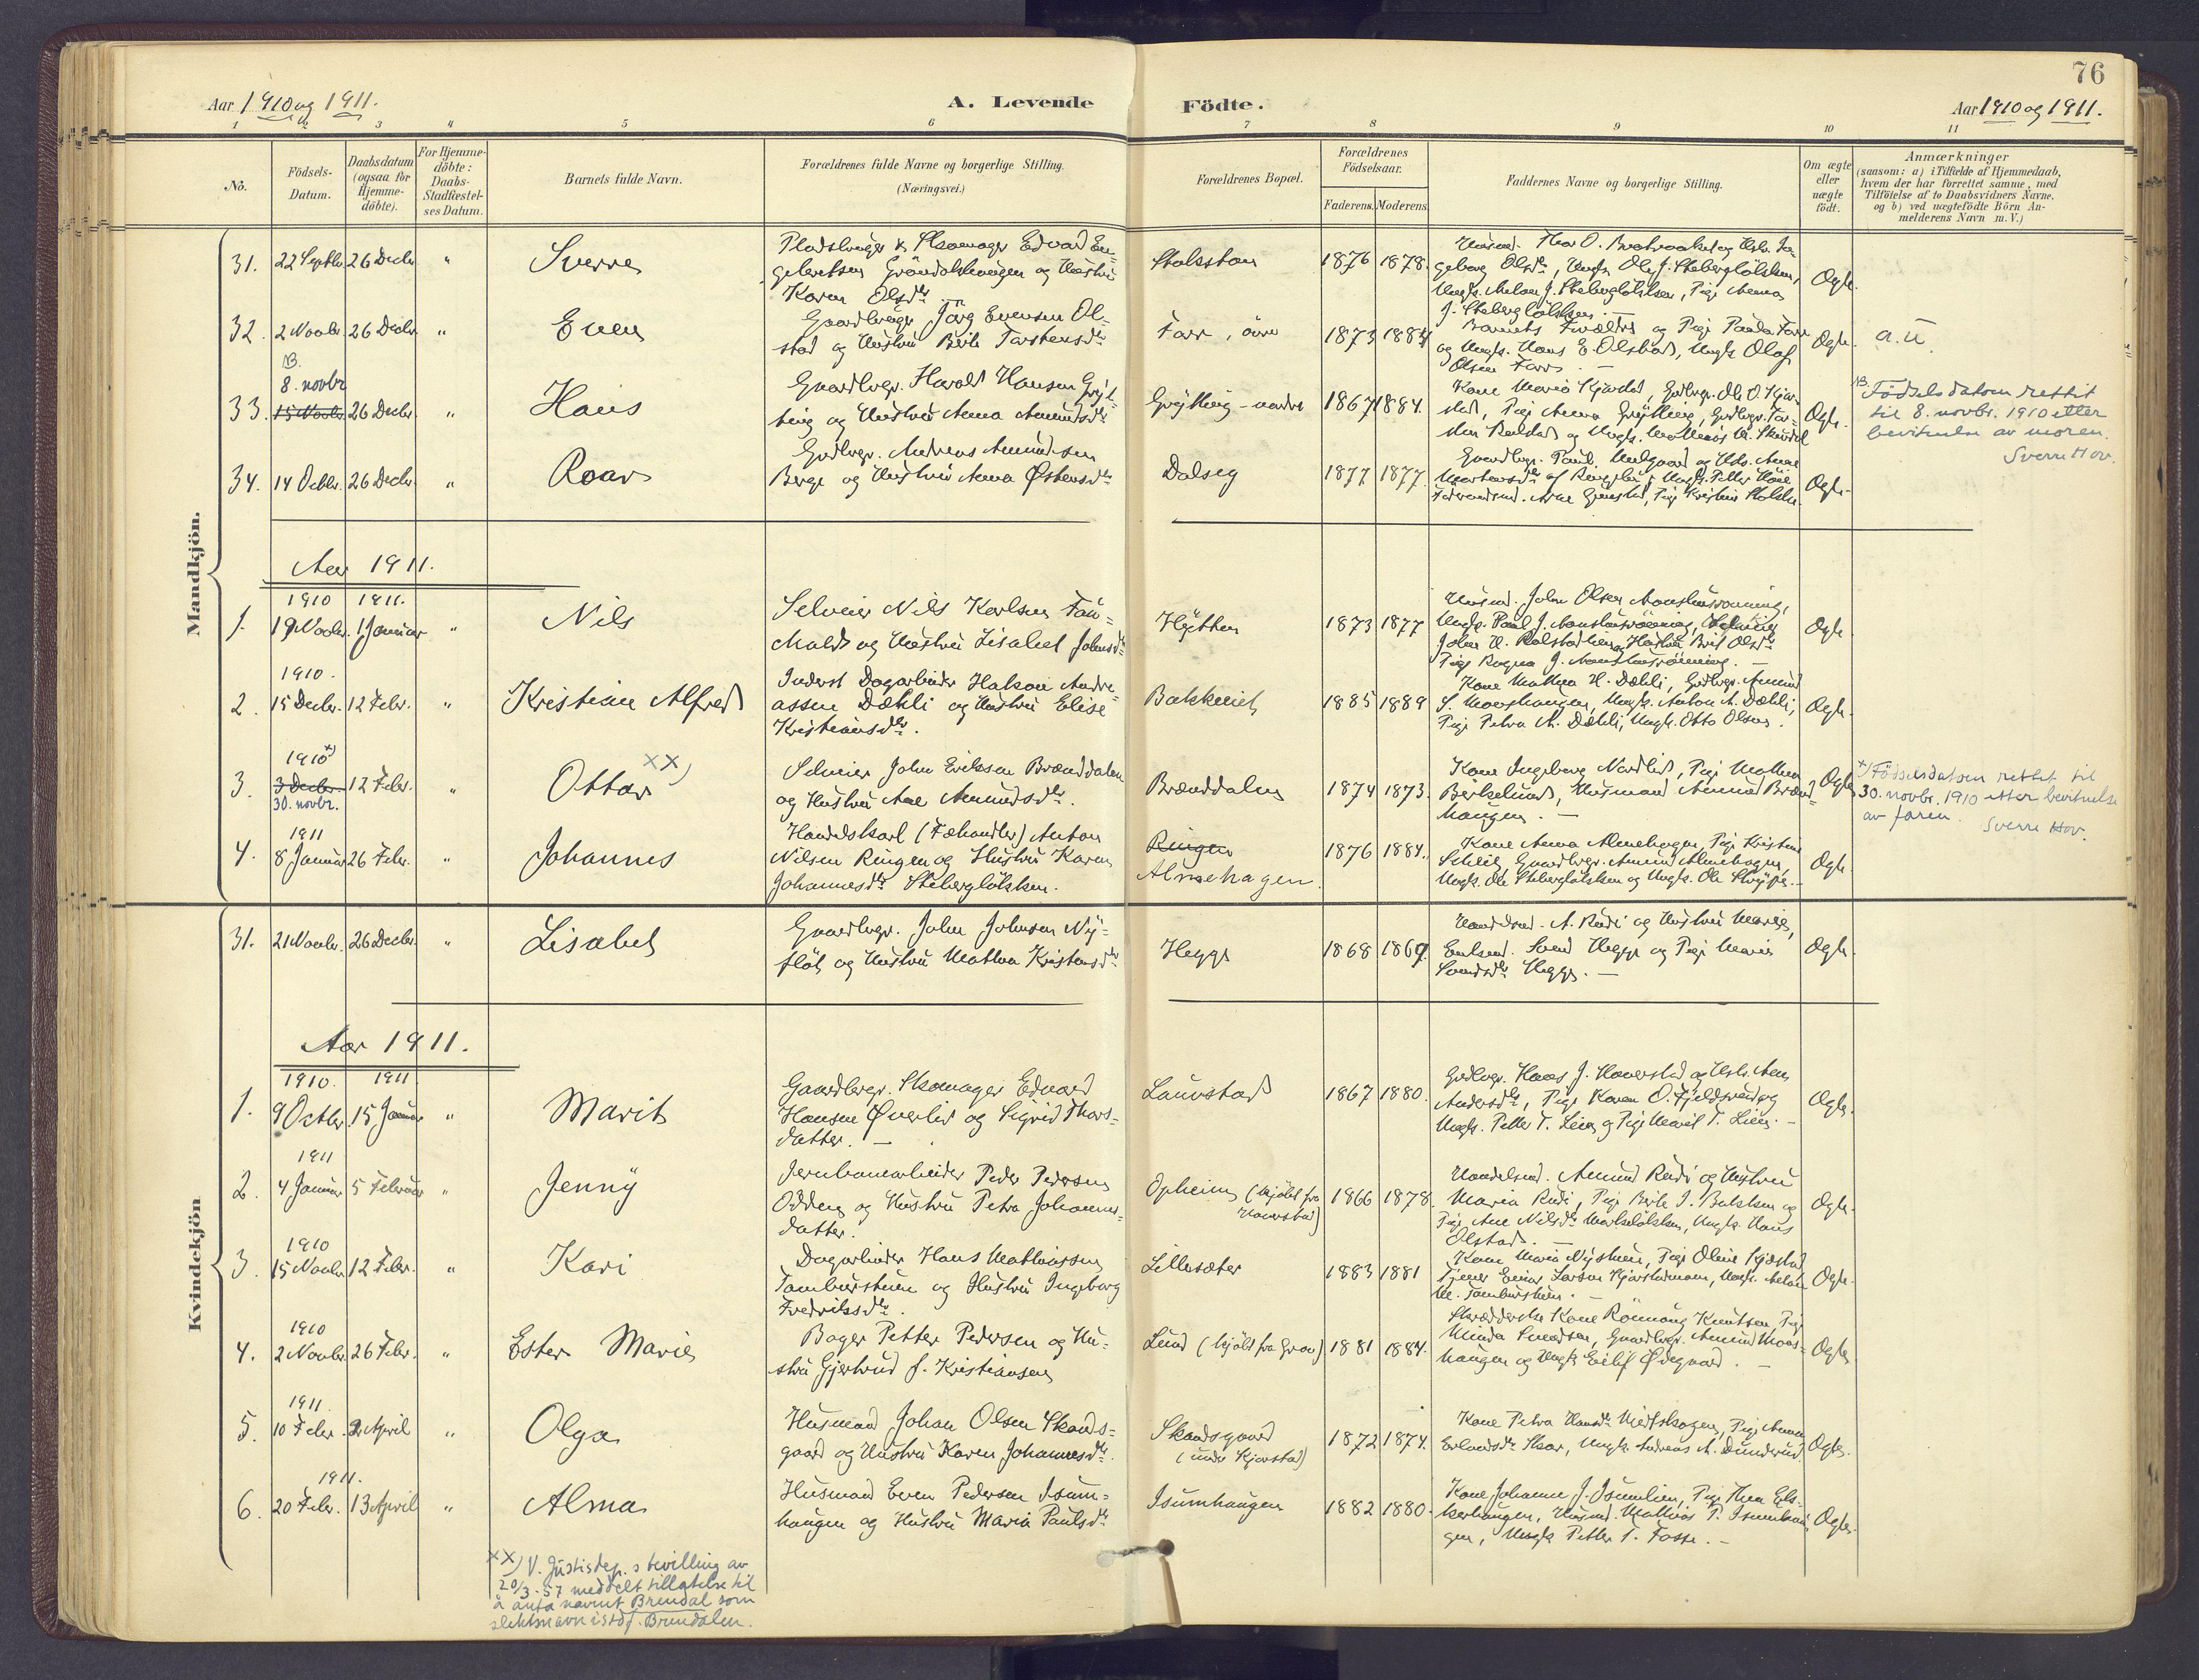 SAH, Sør-Fron prestekontor, H/Ha/Haa/L0004: Ministerialbok nr. 4, 1898-1919, s. 76